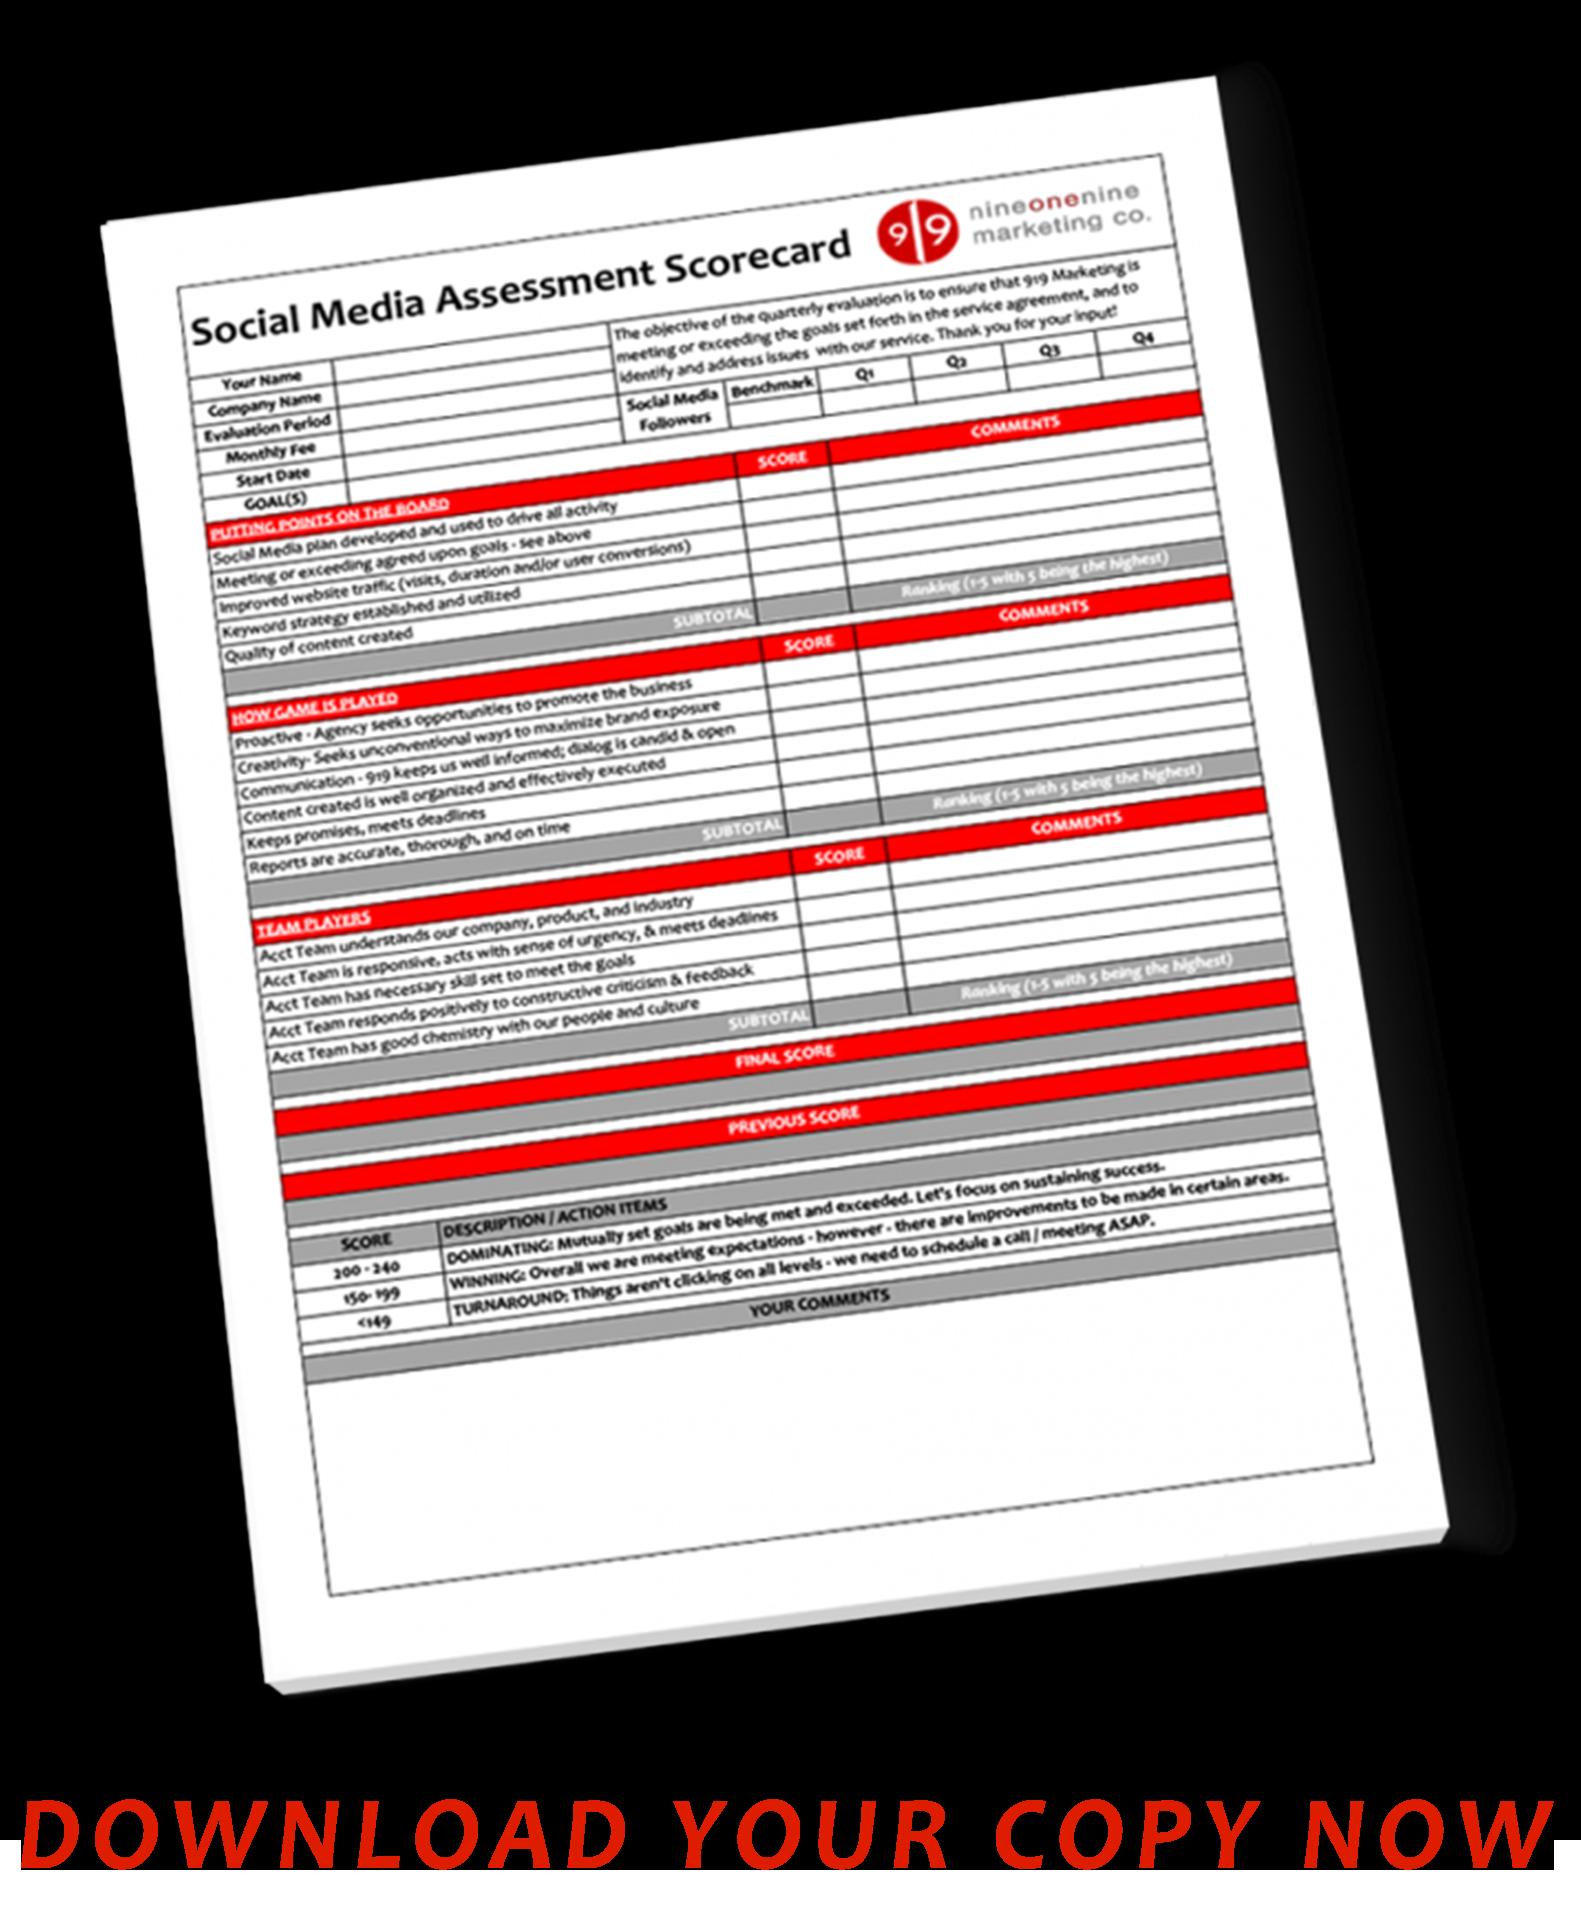 social media marketing scorecard